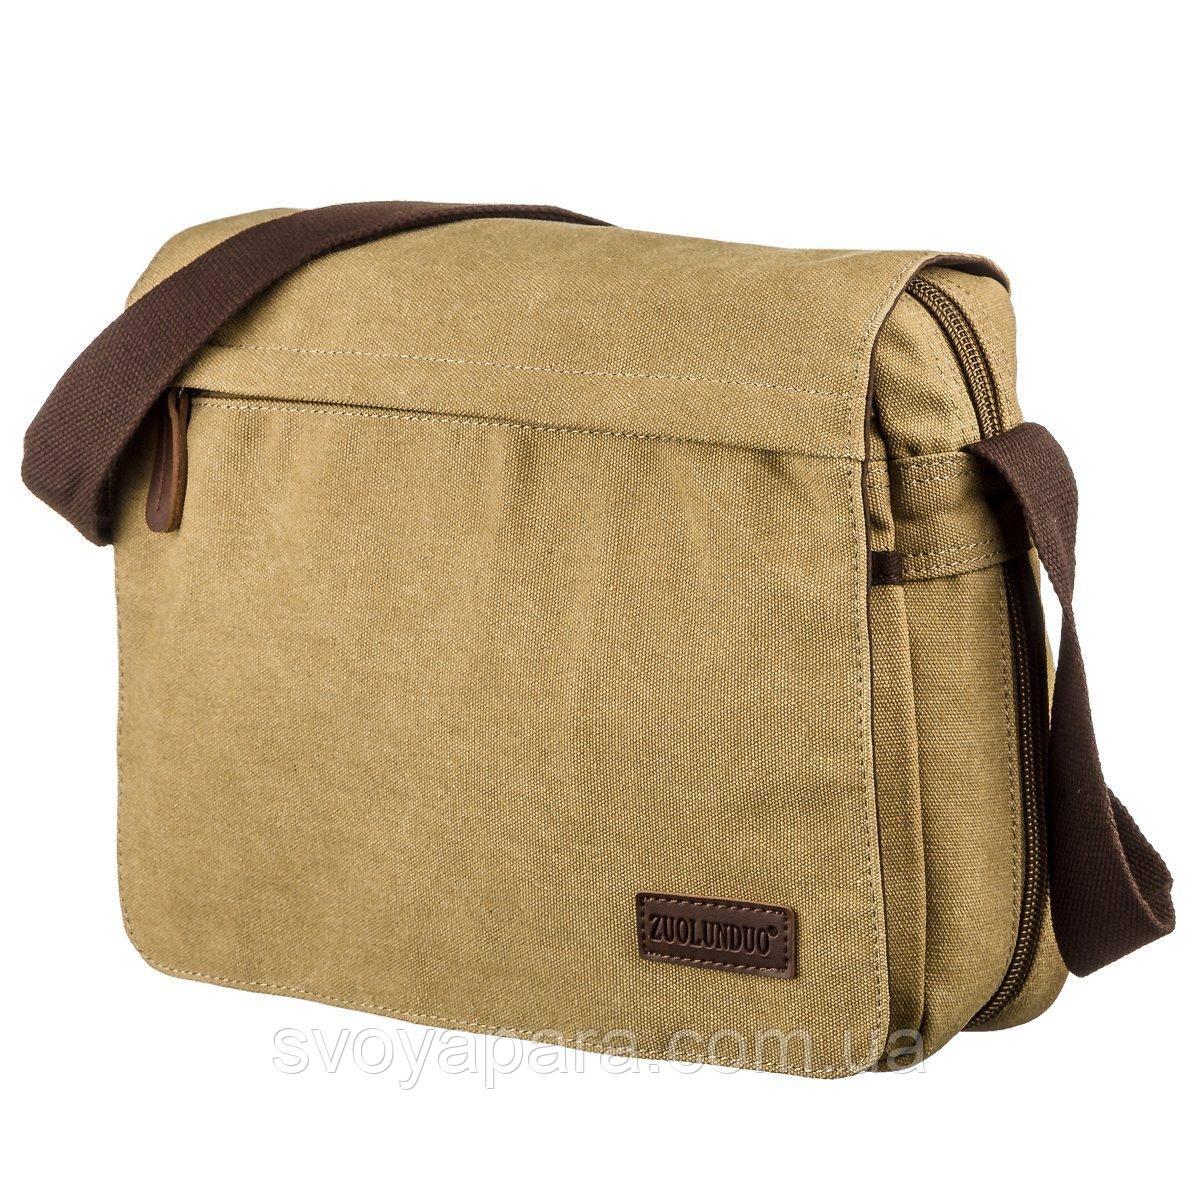 Текстильна сумка для ноутбука 13 дюймів через плече Vintage 20188 Хакі